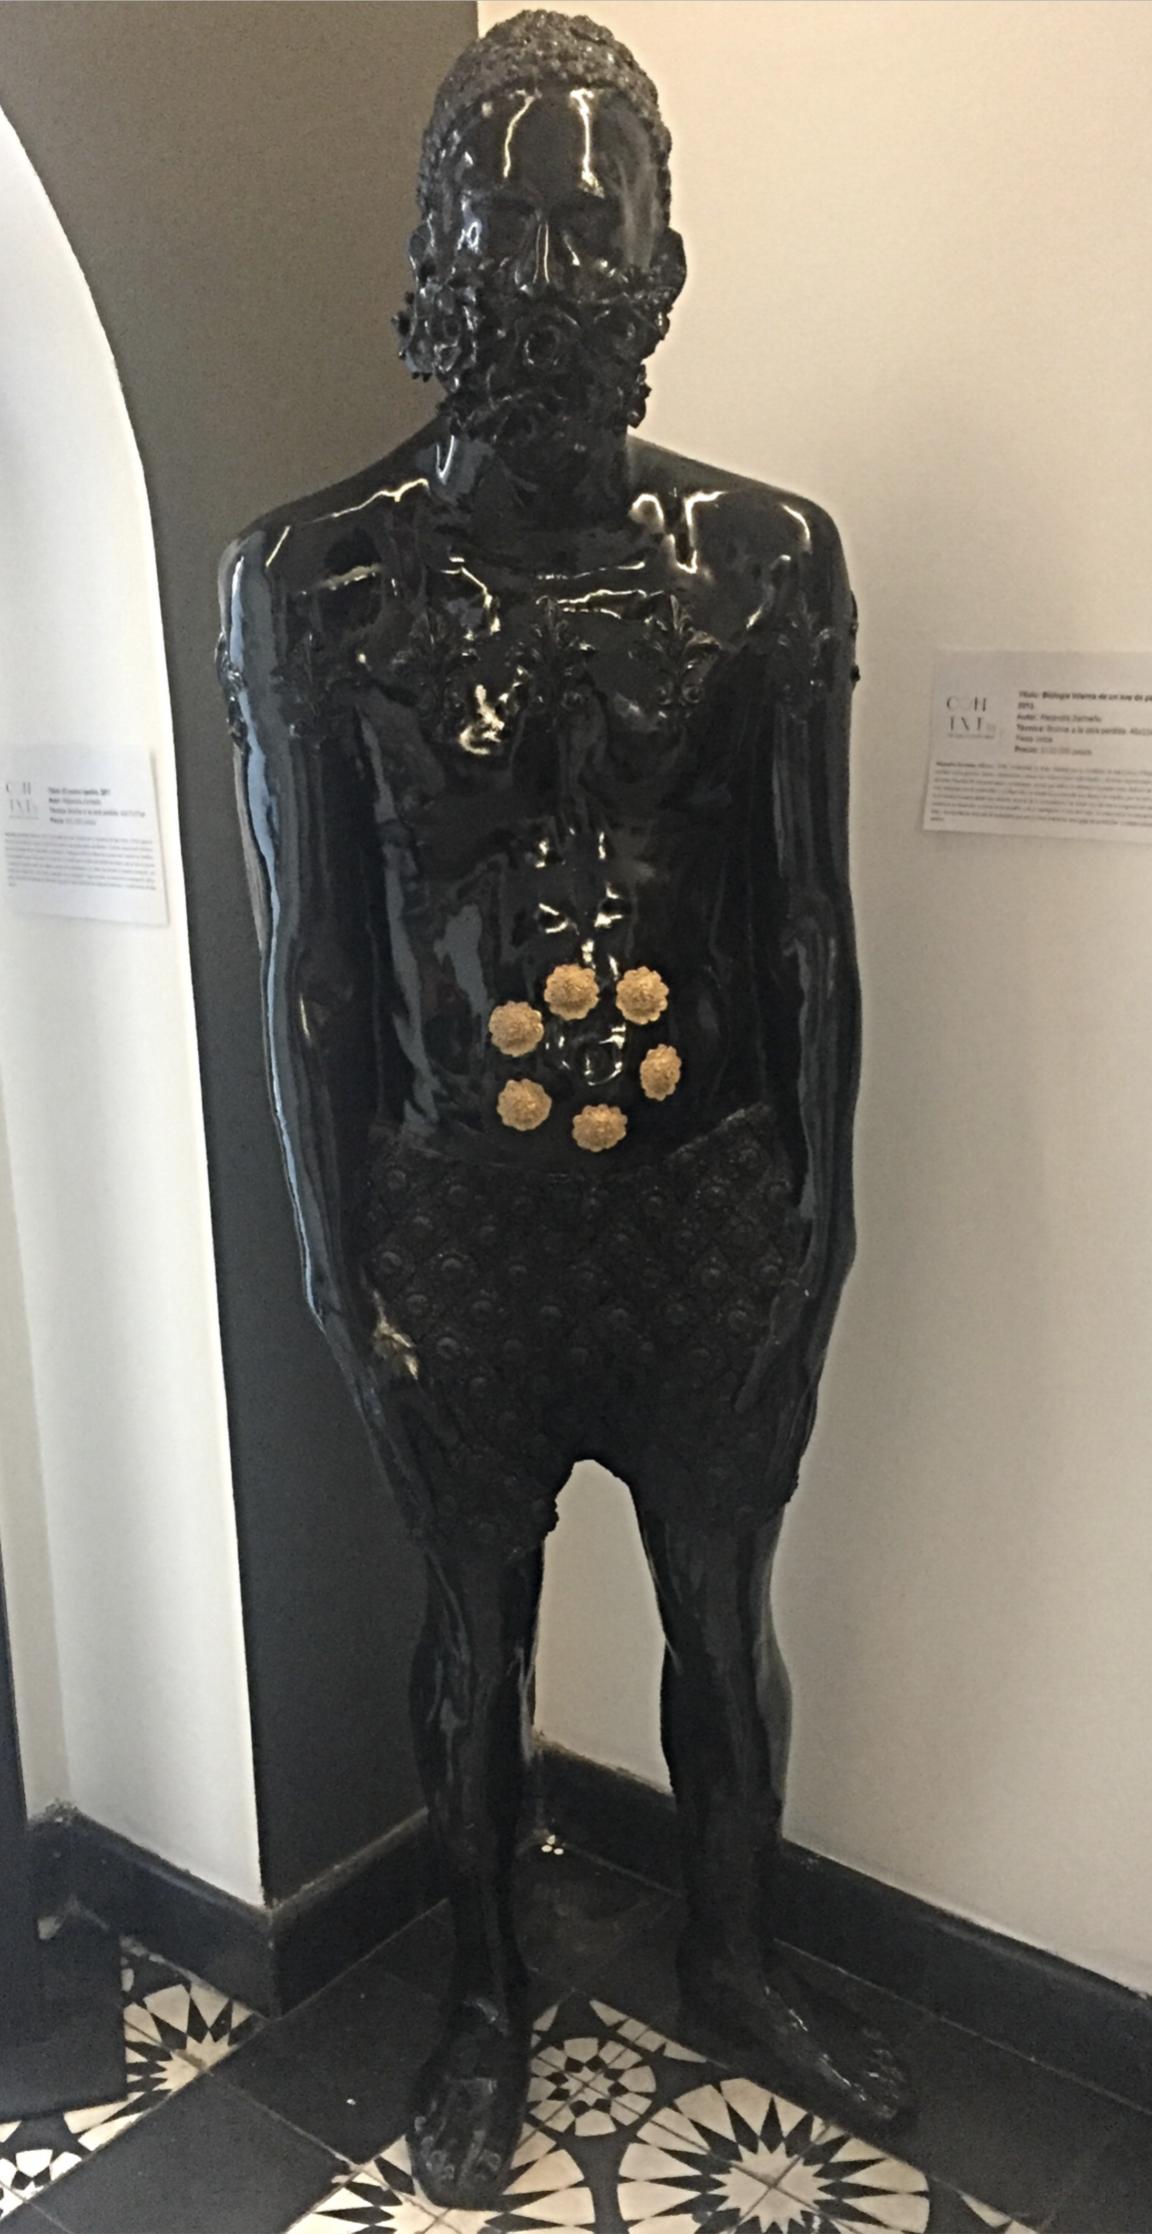 """Título:  """"Biología interna de un Ave de Paraíso"""", 2013.   Autor:  Alejandra Zermeño.  Técnica:  Bronce a la cera perdida.  Medidas:  45 x 33 x 30 cm (pieza única)."""